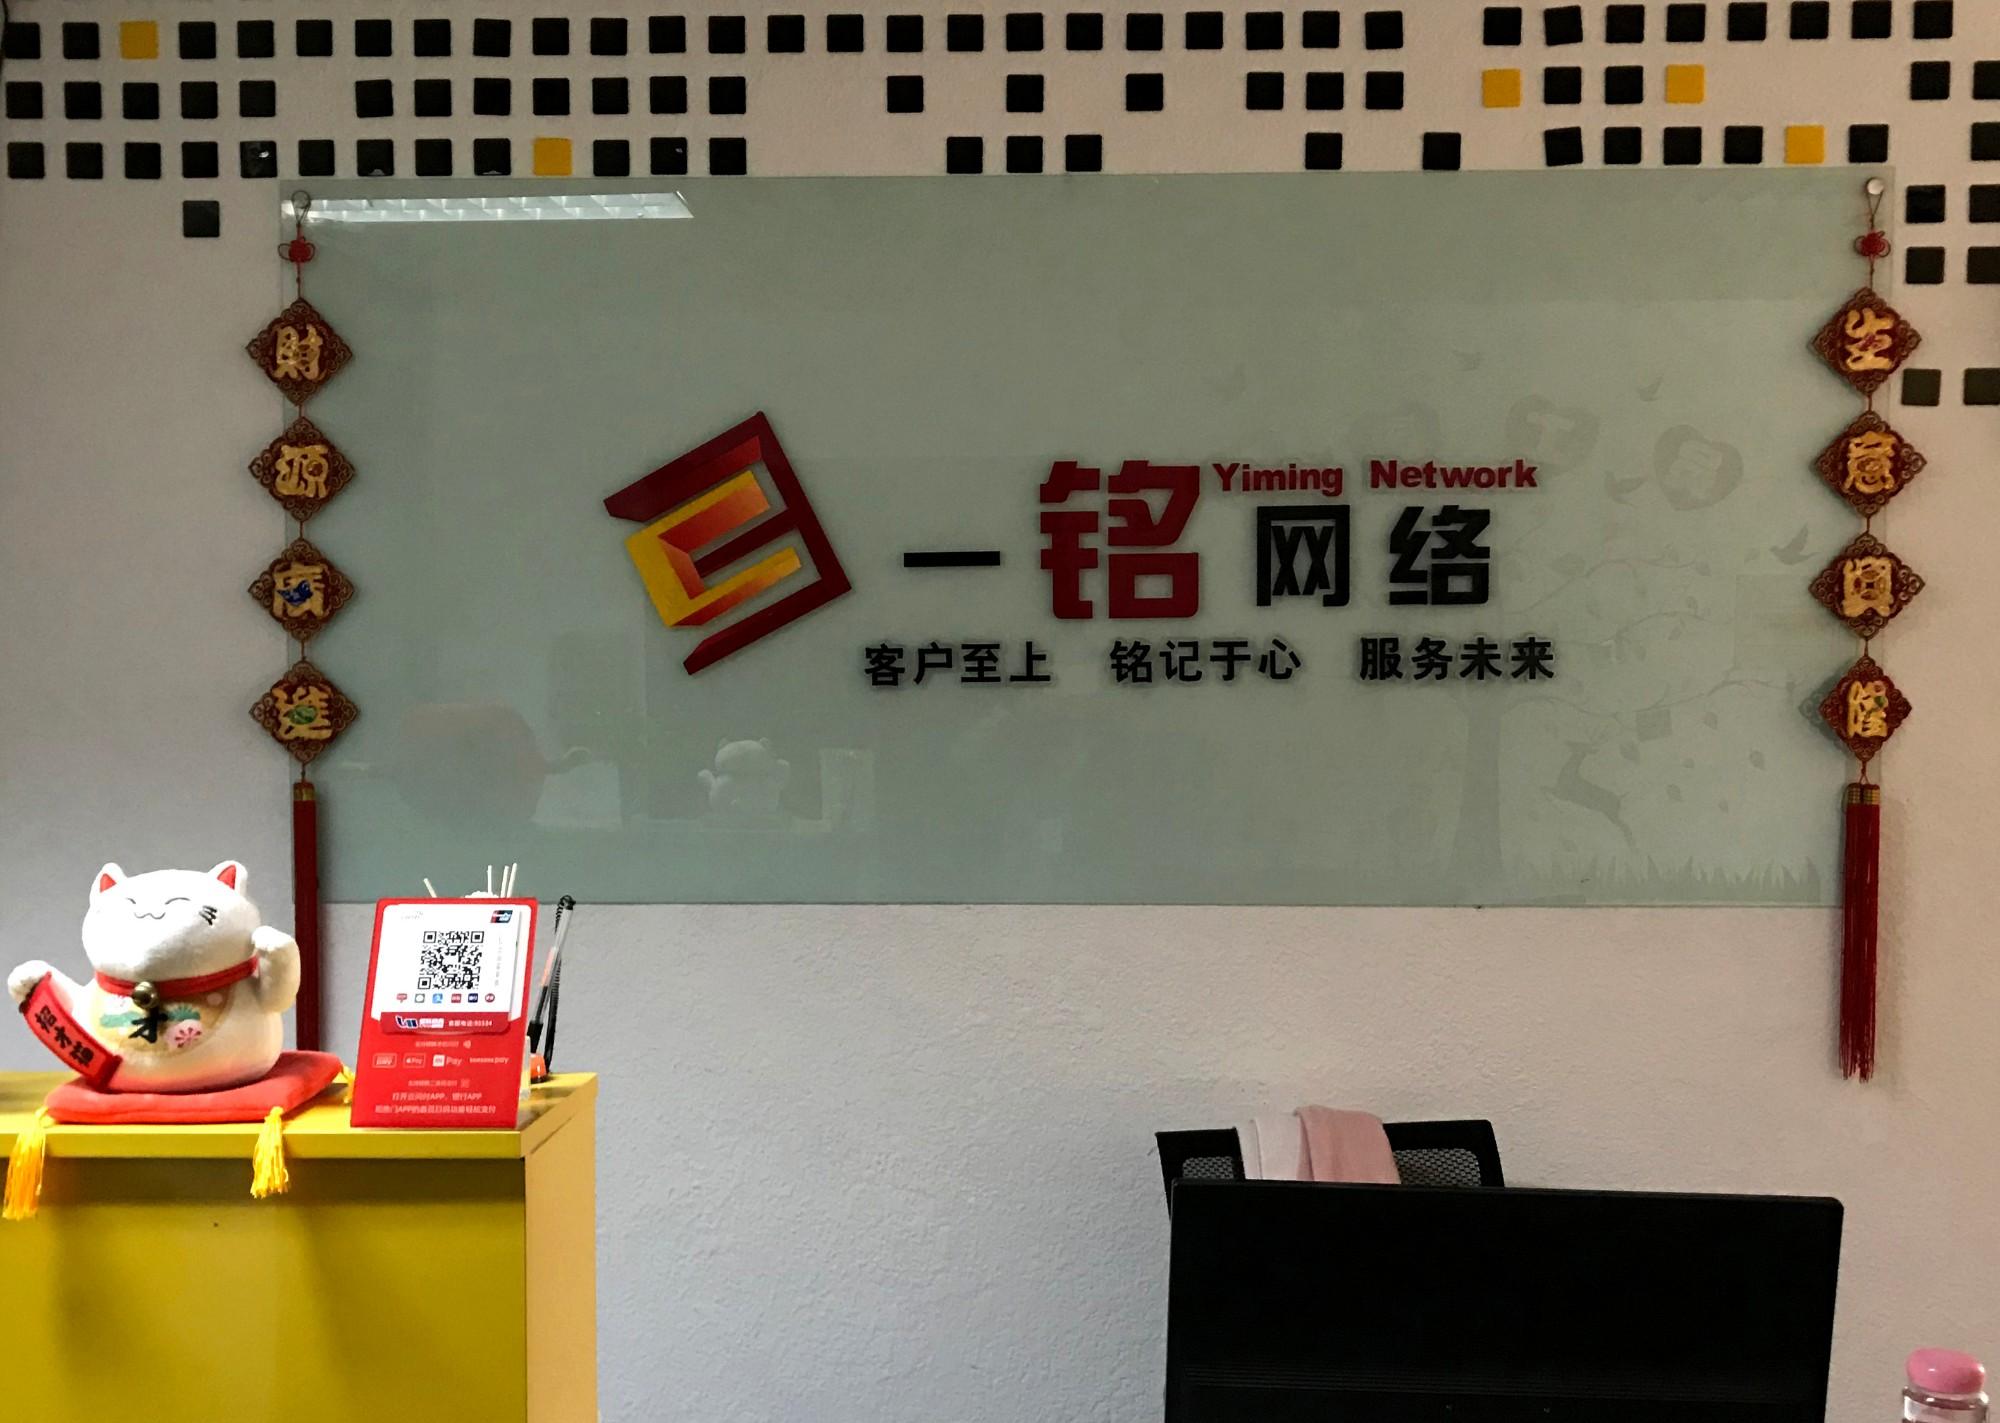 沧州一铭网络技术服务有限公司